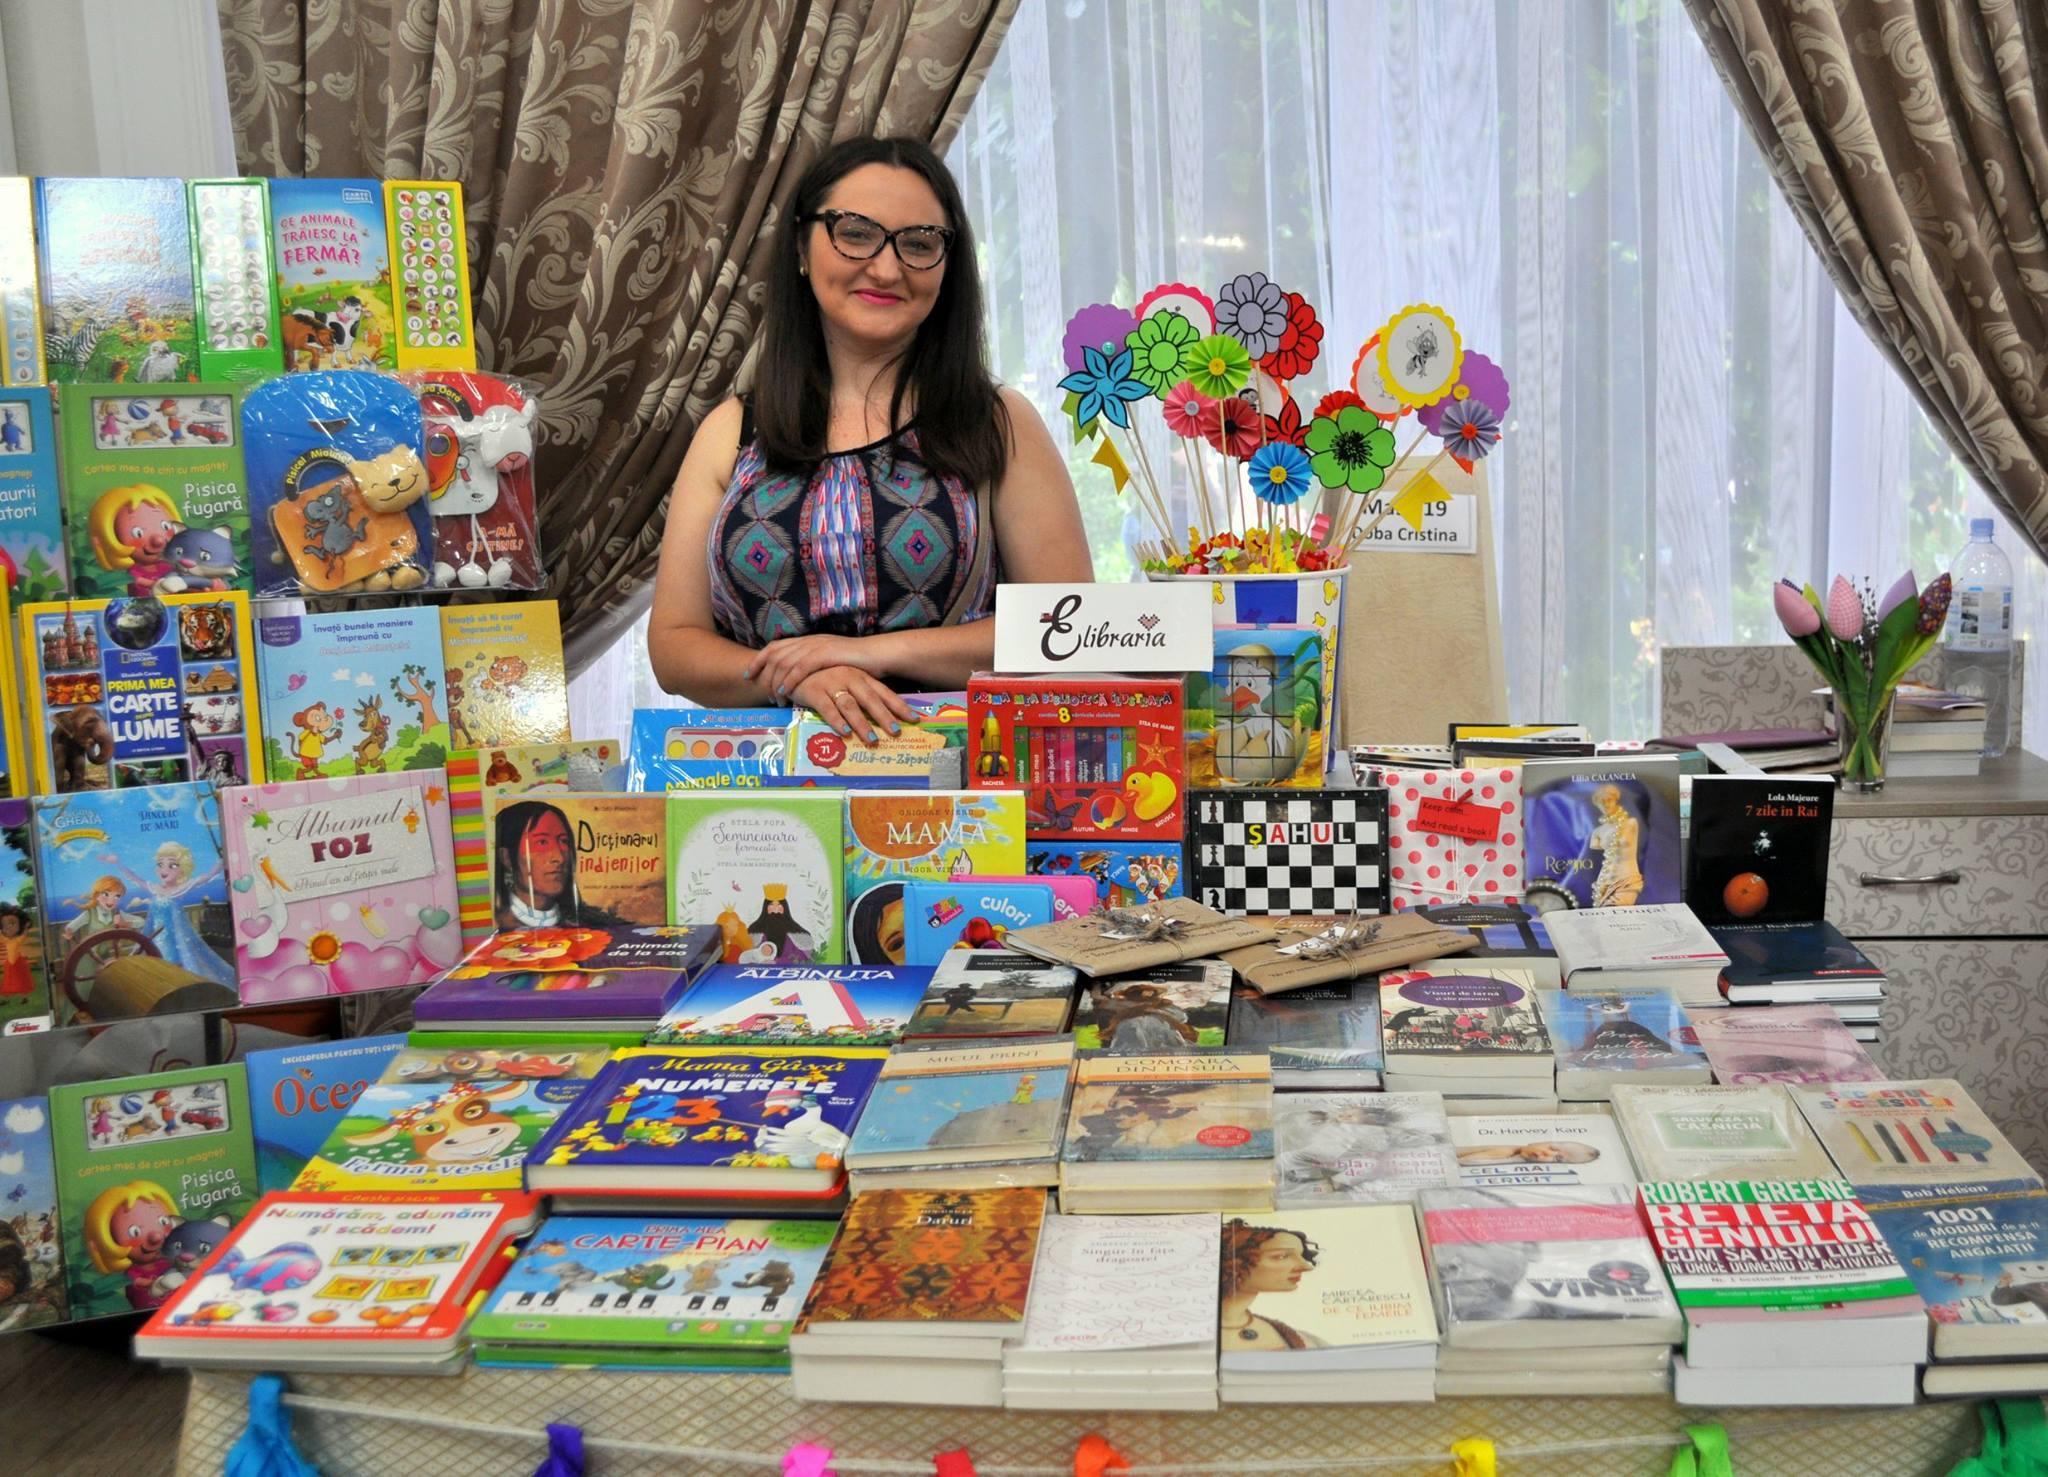 """Kristina Dobă, artist handmade: """"Activitatea mea a pornit de la plăcerea de a crea ceva frumos și inedit!"""""""